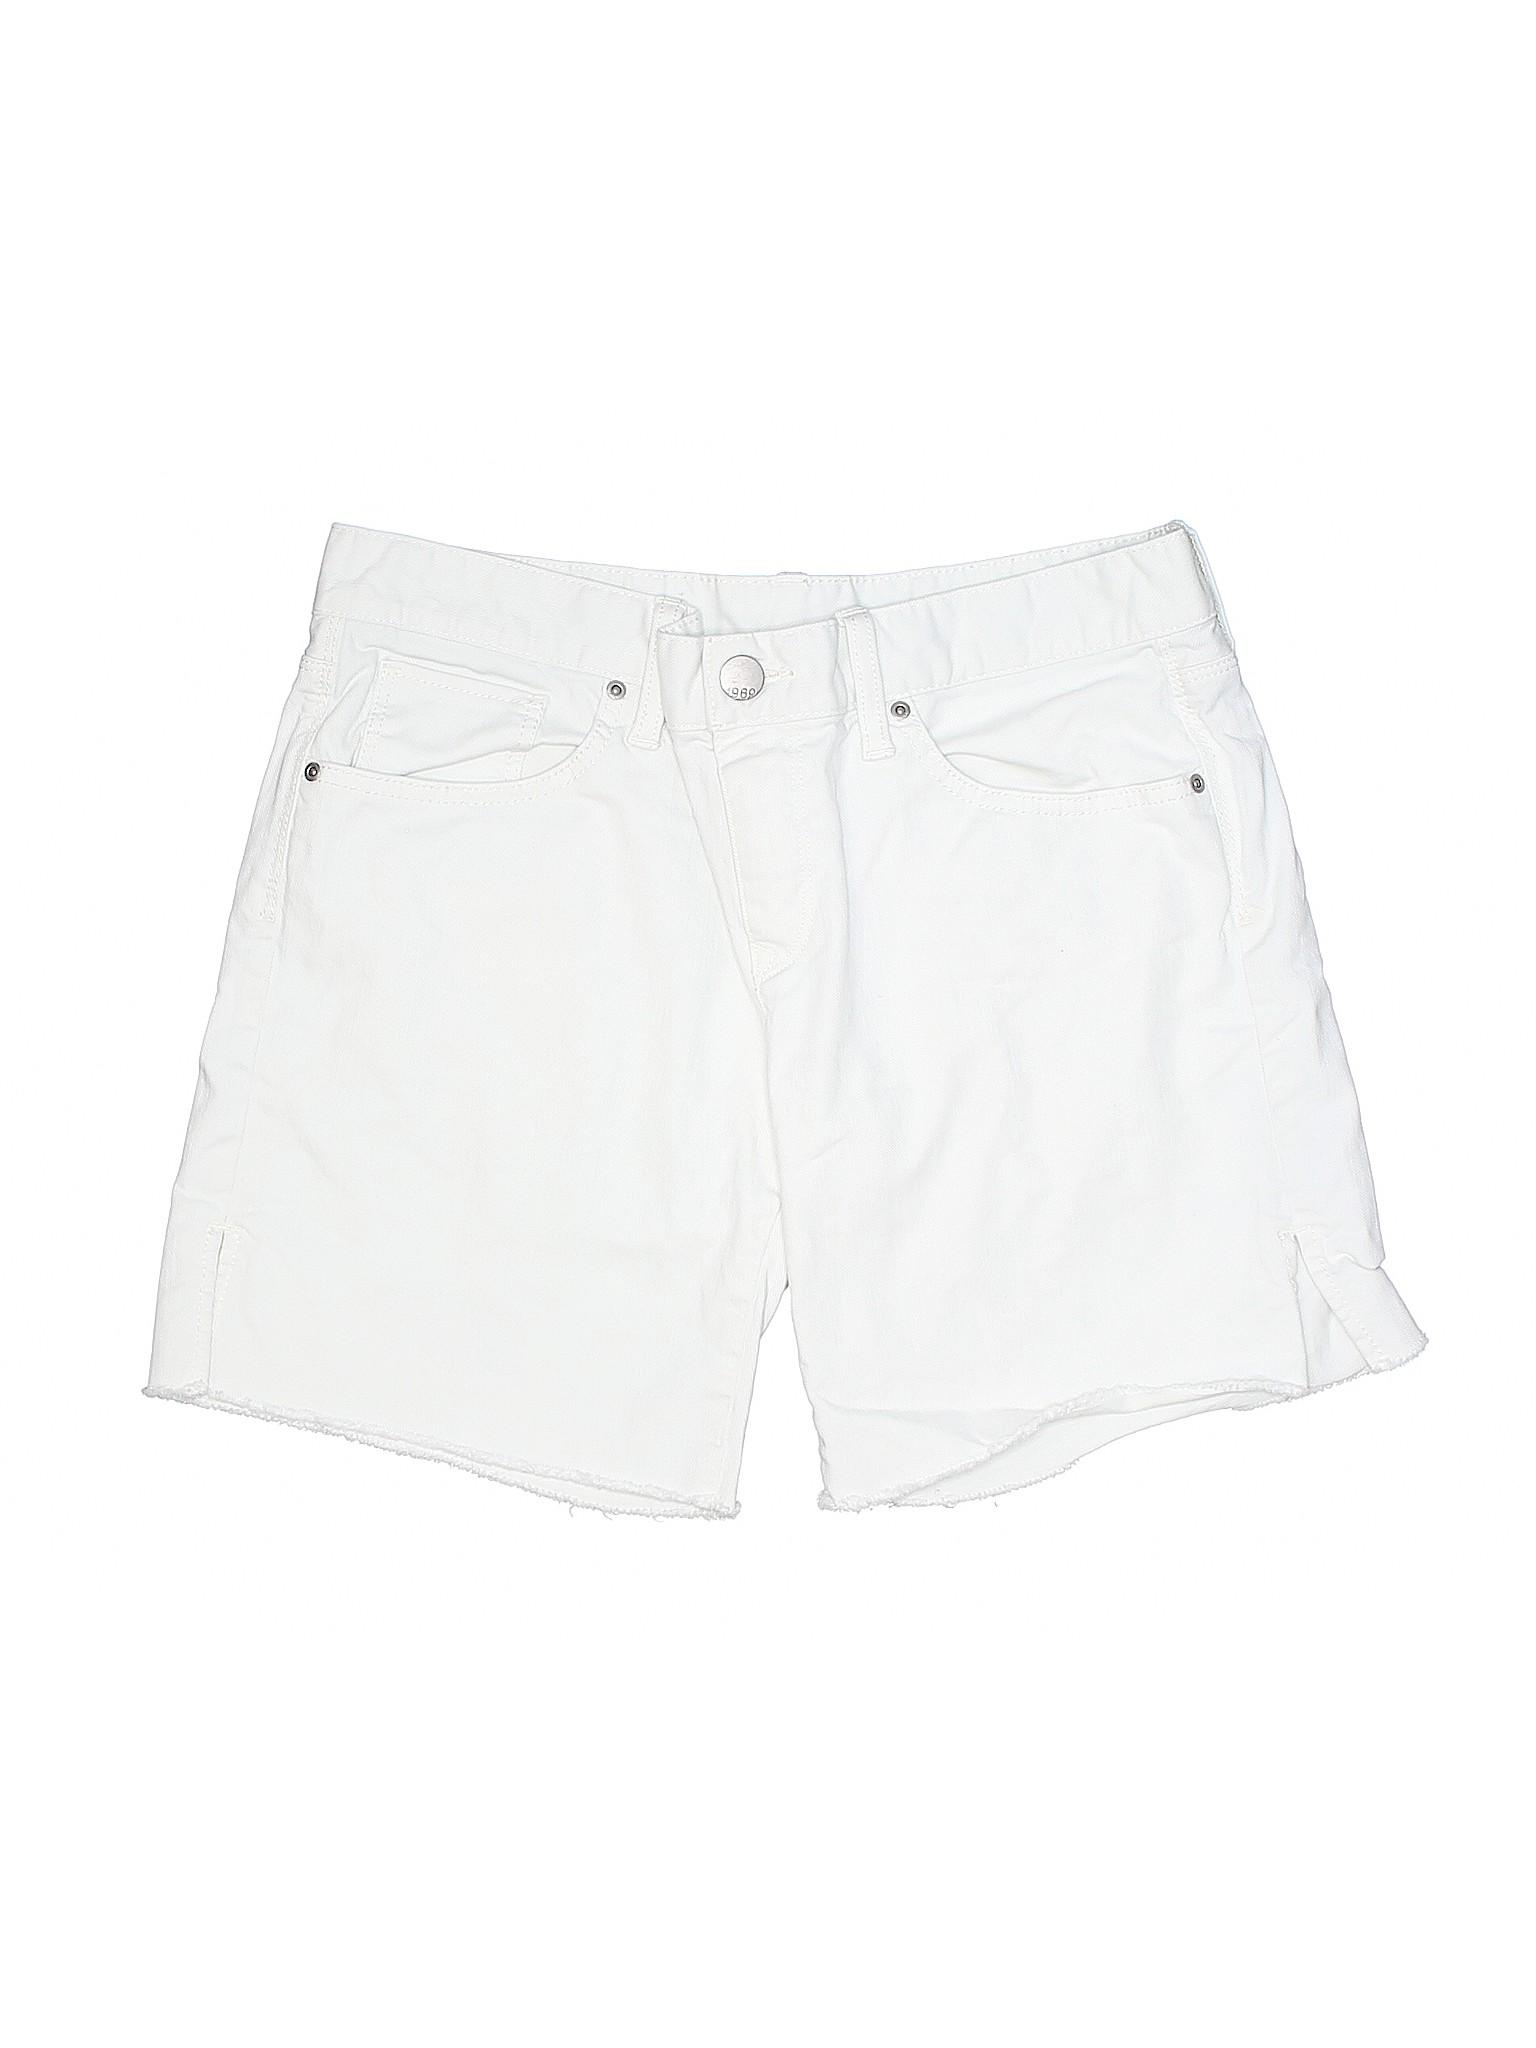 Shorts Boutique Denim Shorts Boutique Denim Gap Shorts Shorts Boutique Denim Boutique Denim Gap Gap Boutique Gap YTXAq